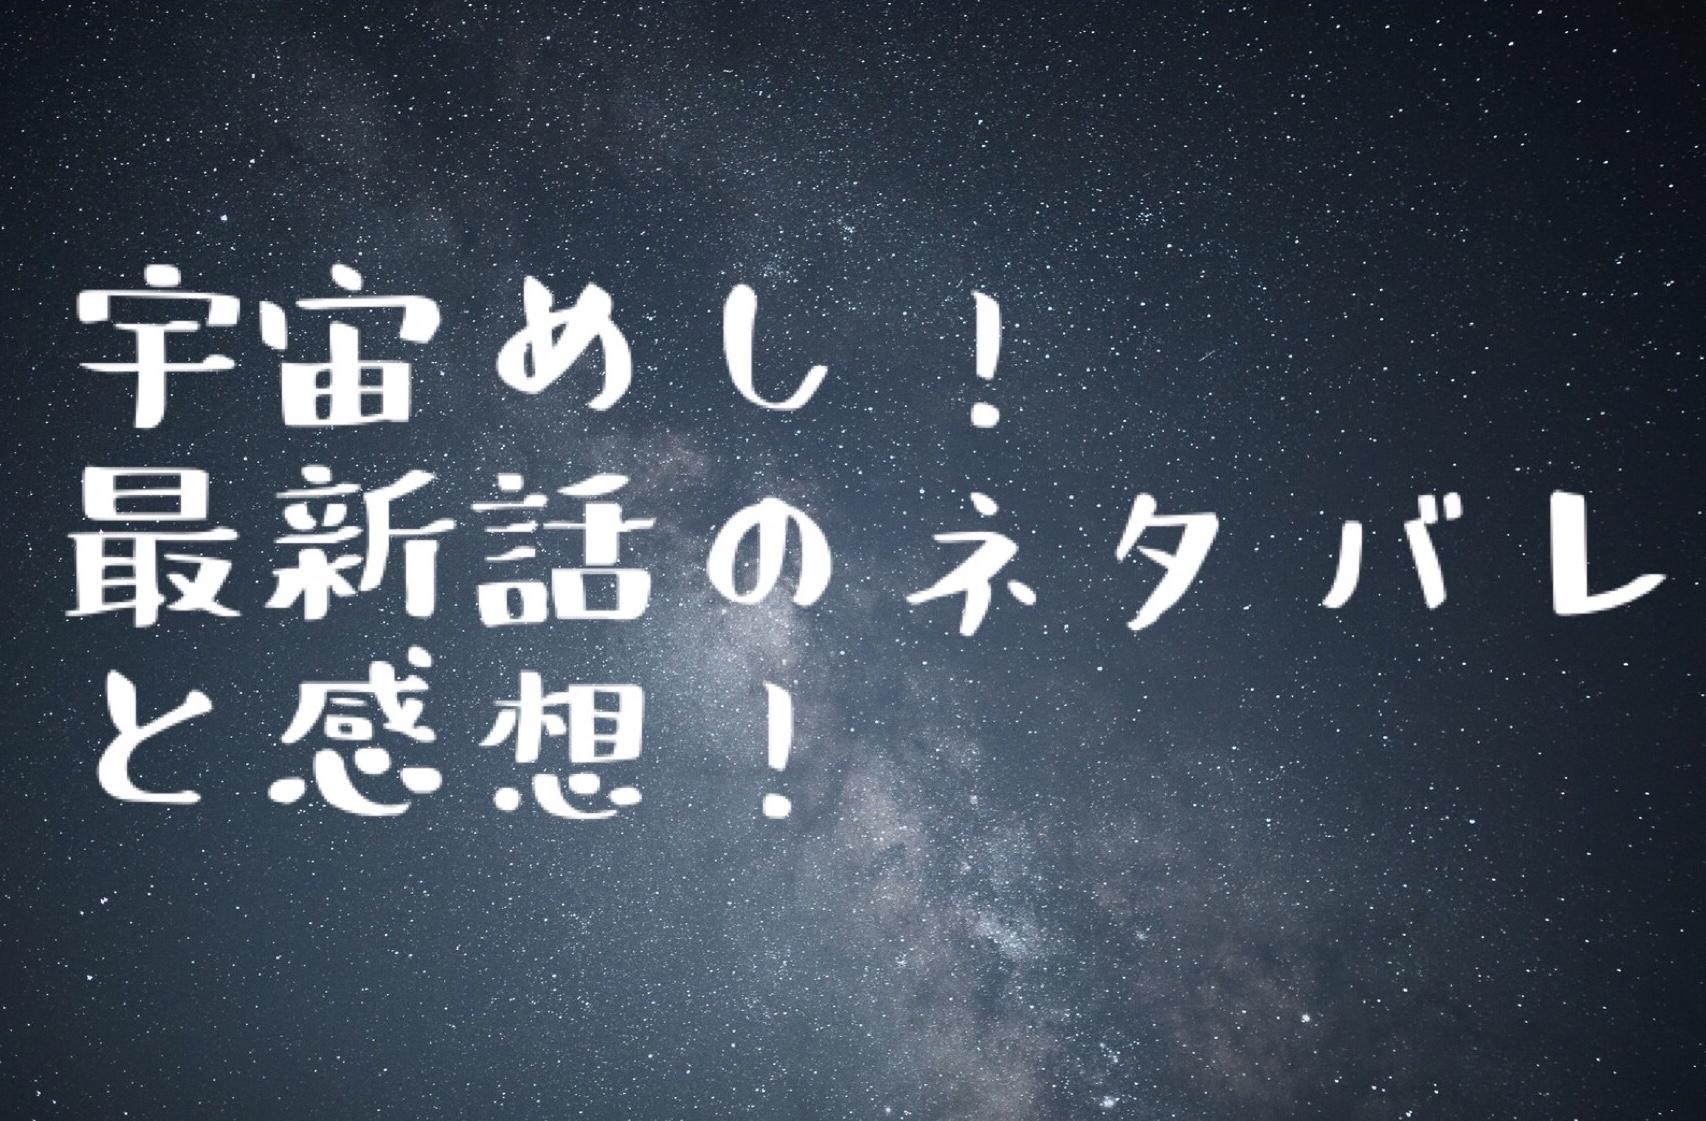 宇宙めし!【最新第15話】宇宙ジャンクフード ネタバレと感想!